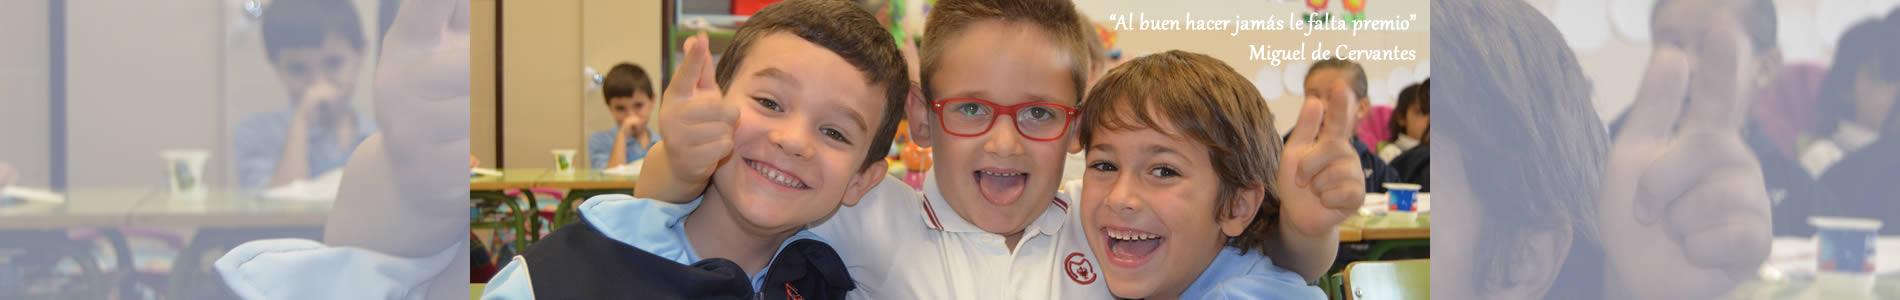 COLEGIO MAYOL - COLEGIO INTERNADO - EDUCACIÓN INFANTIL GUARDERIA VII